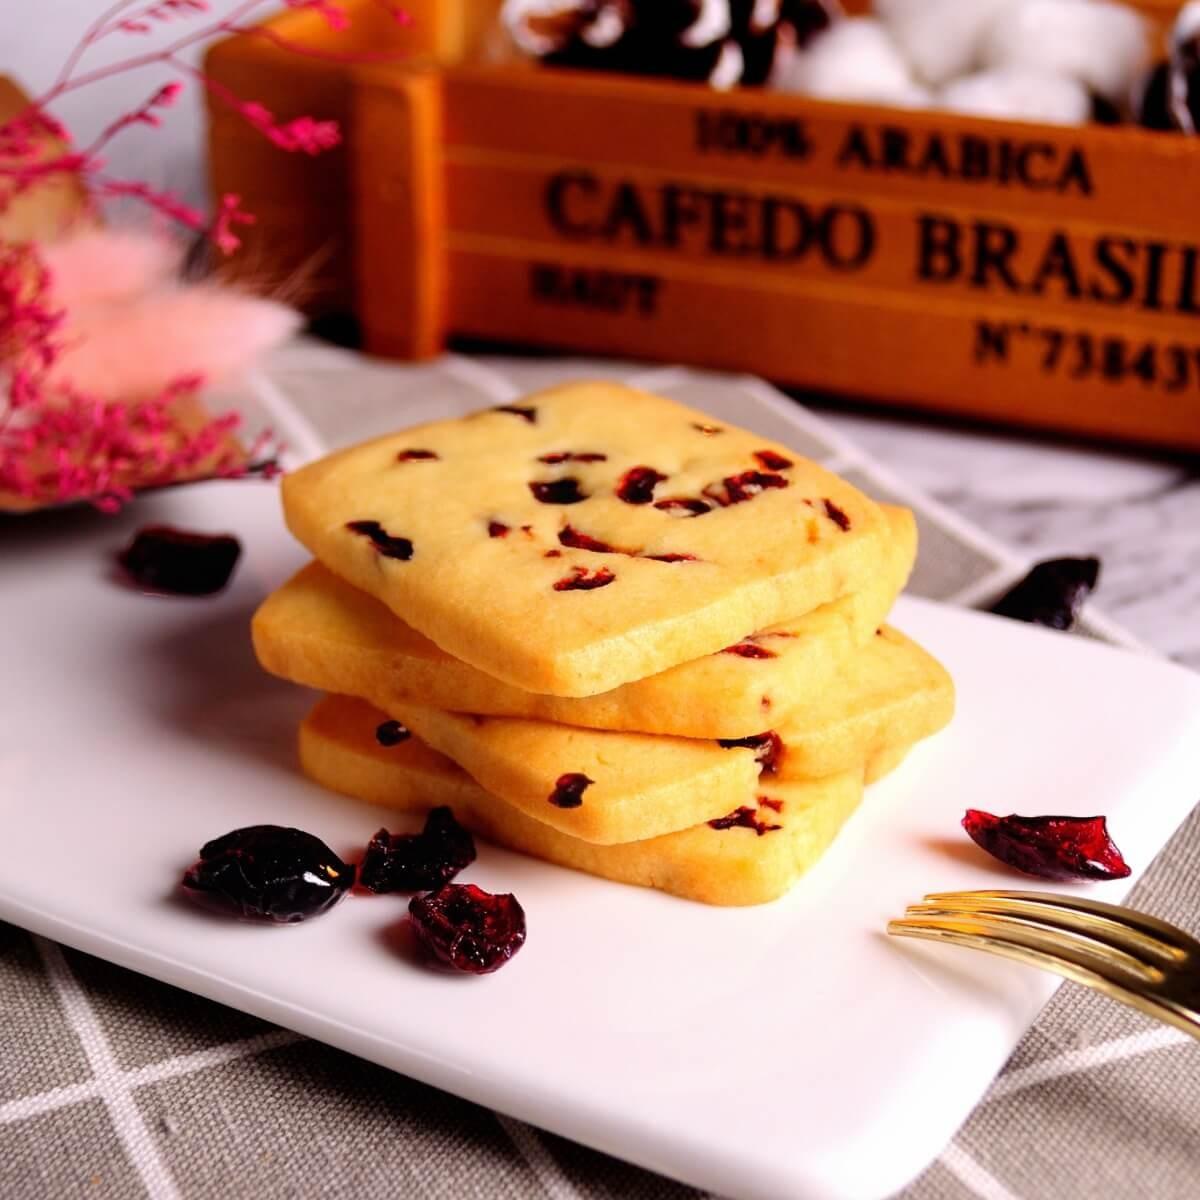 【香貝里】綜合餅乾2入隨手包/蔓越莓/伯爵茶/帕瑪森起司餅乾